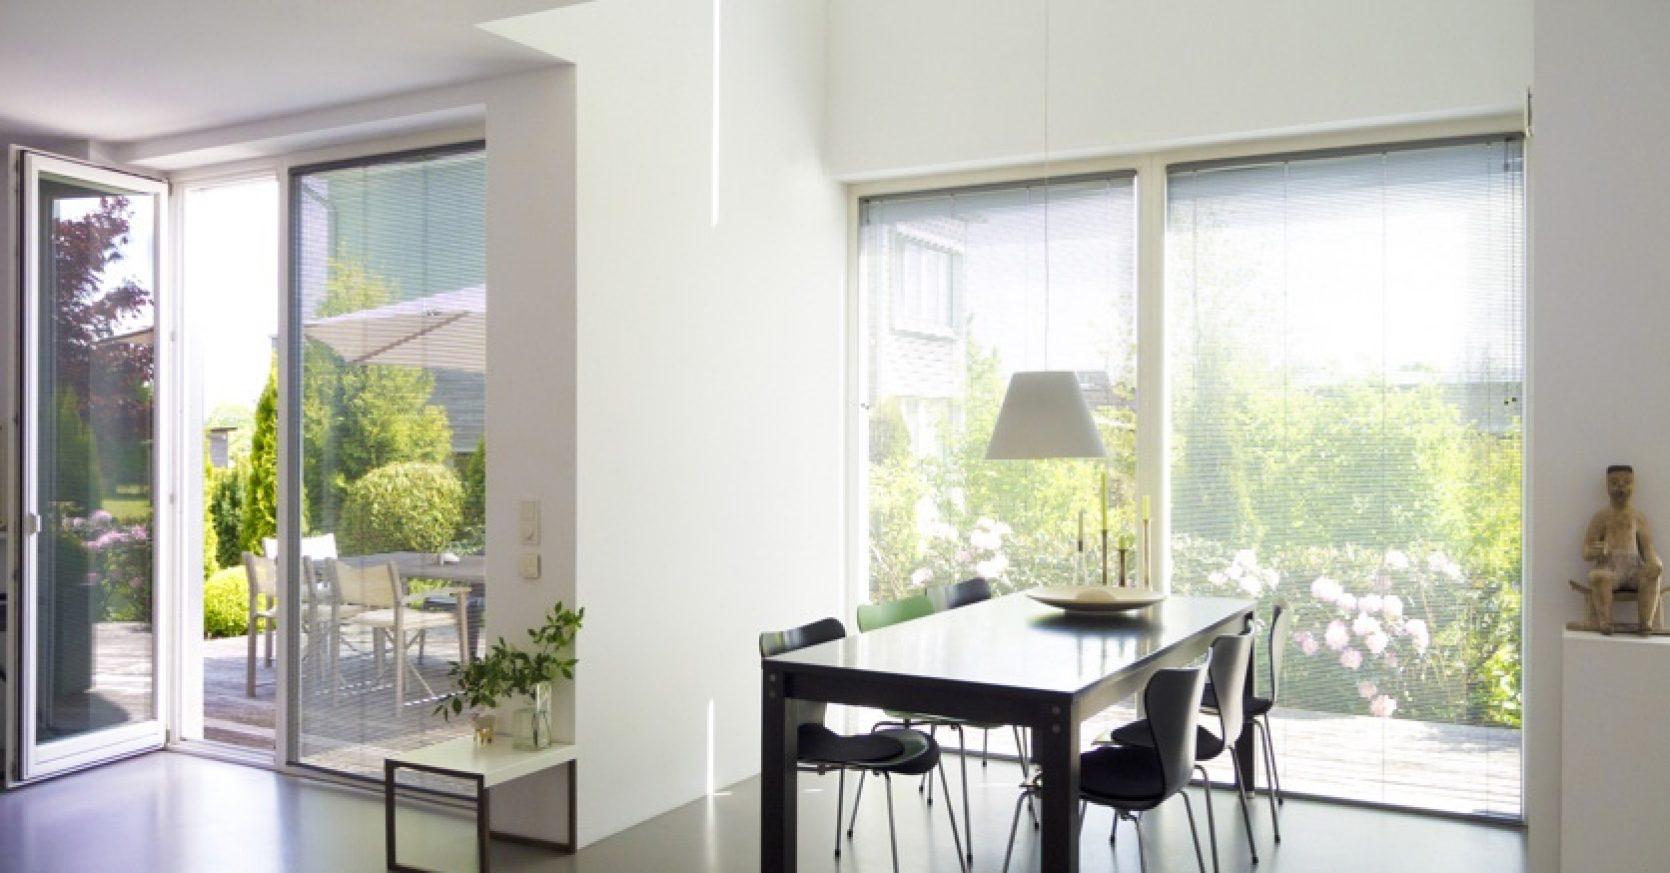 Lyst kjøkken med store vindusflater og balkongdør i glass.